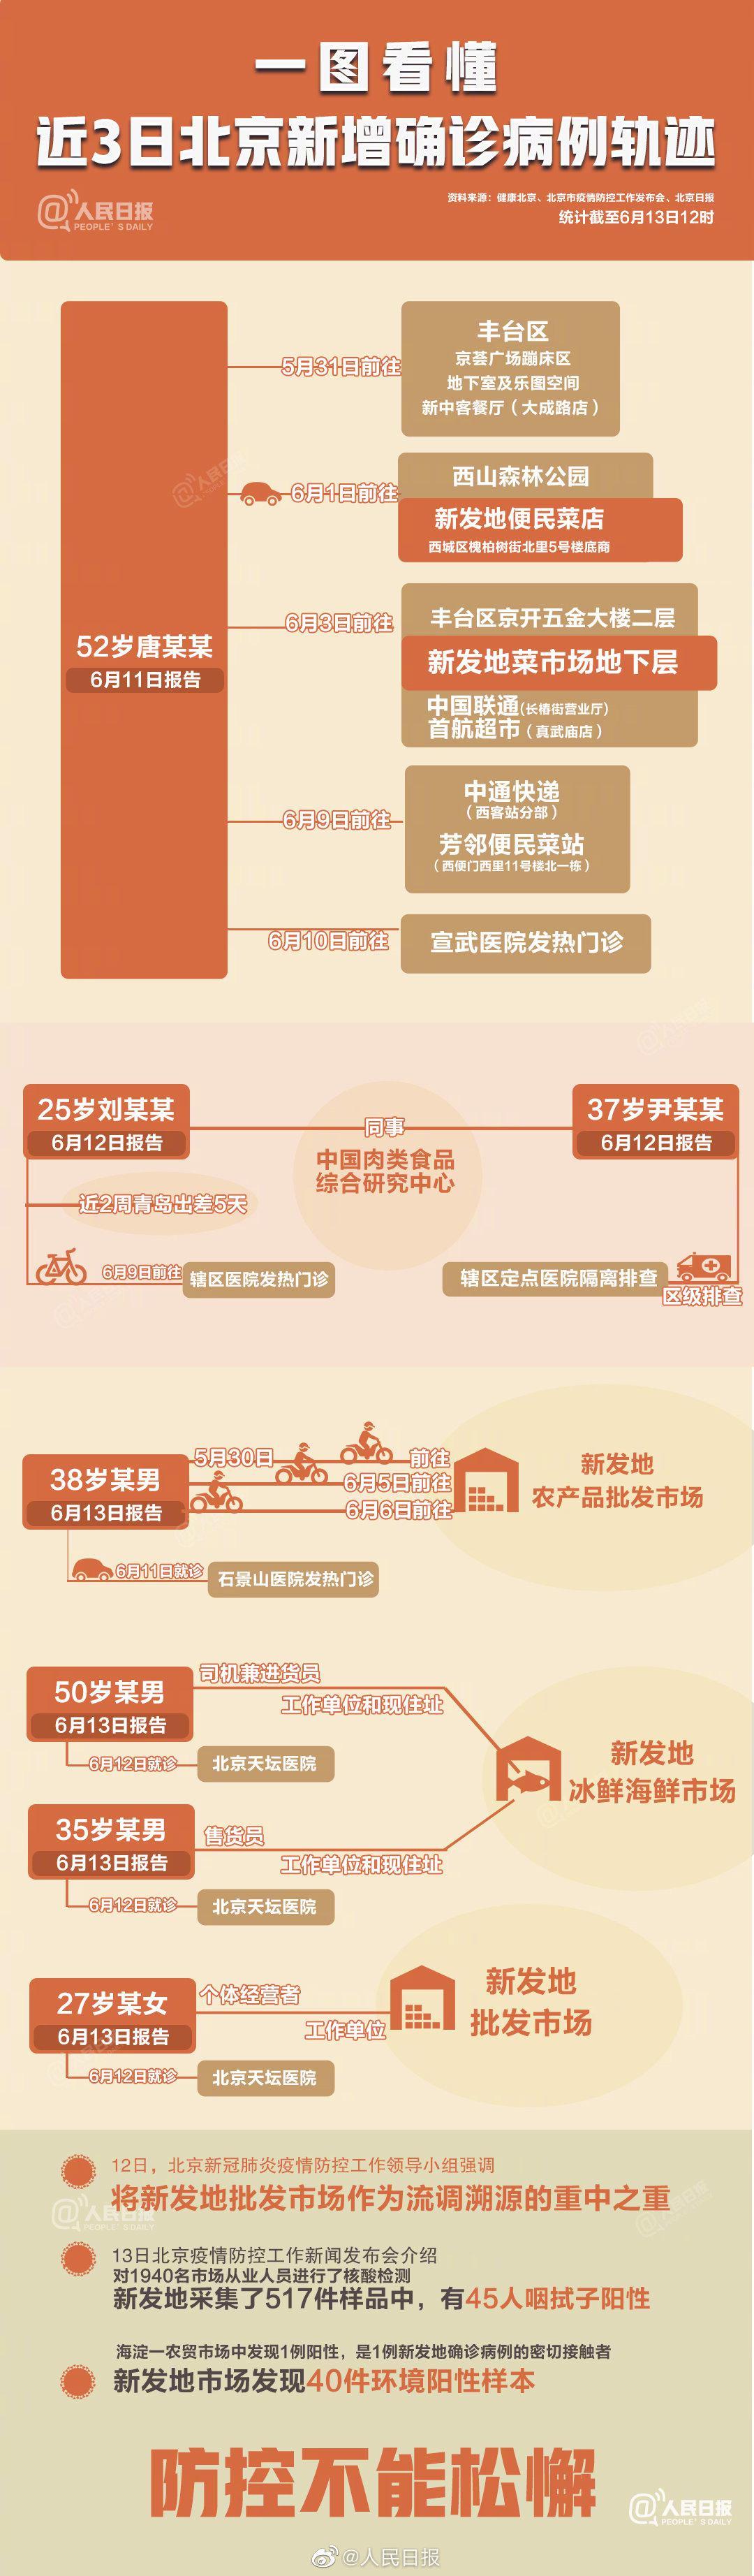 一图看懂北京新增确诊病例轨迹图片